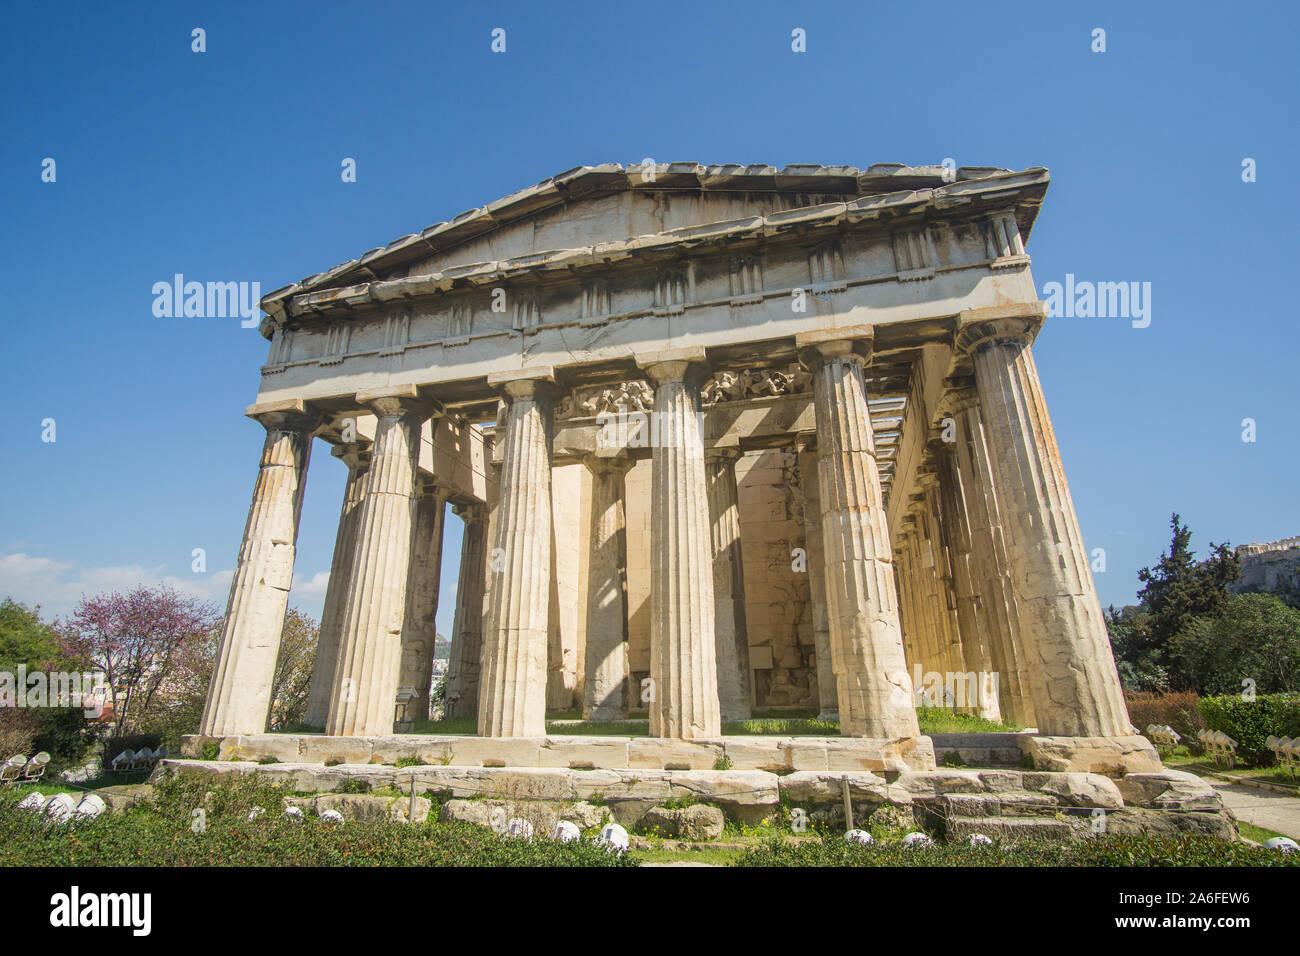 Un hermoso templo de mármol capturados durante la increíble día alrededor de la antigua Ágora de Atenas , este hermoso parque arqueológico le sorprenderá! Foto de stock